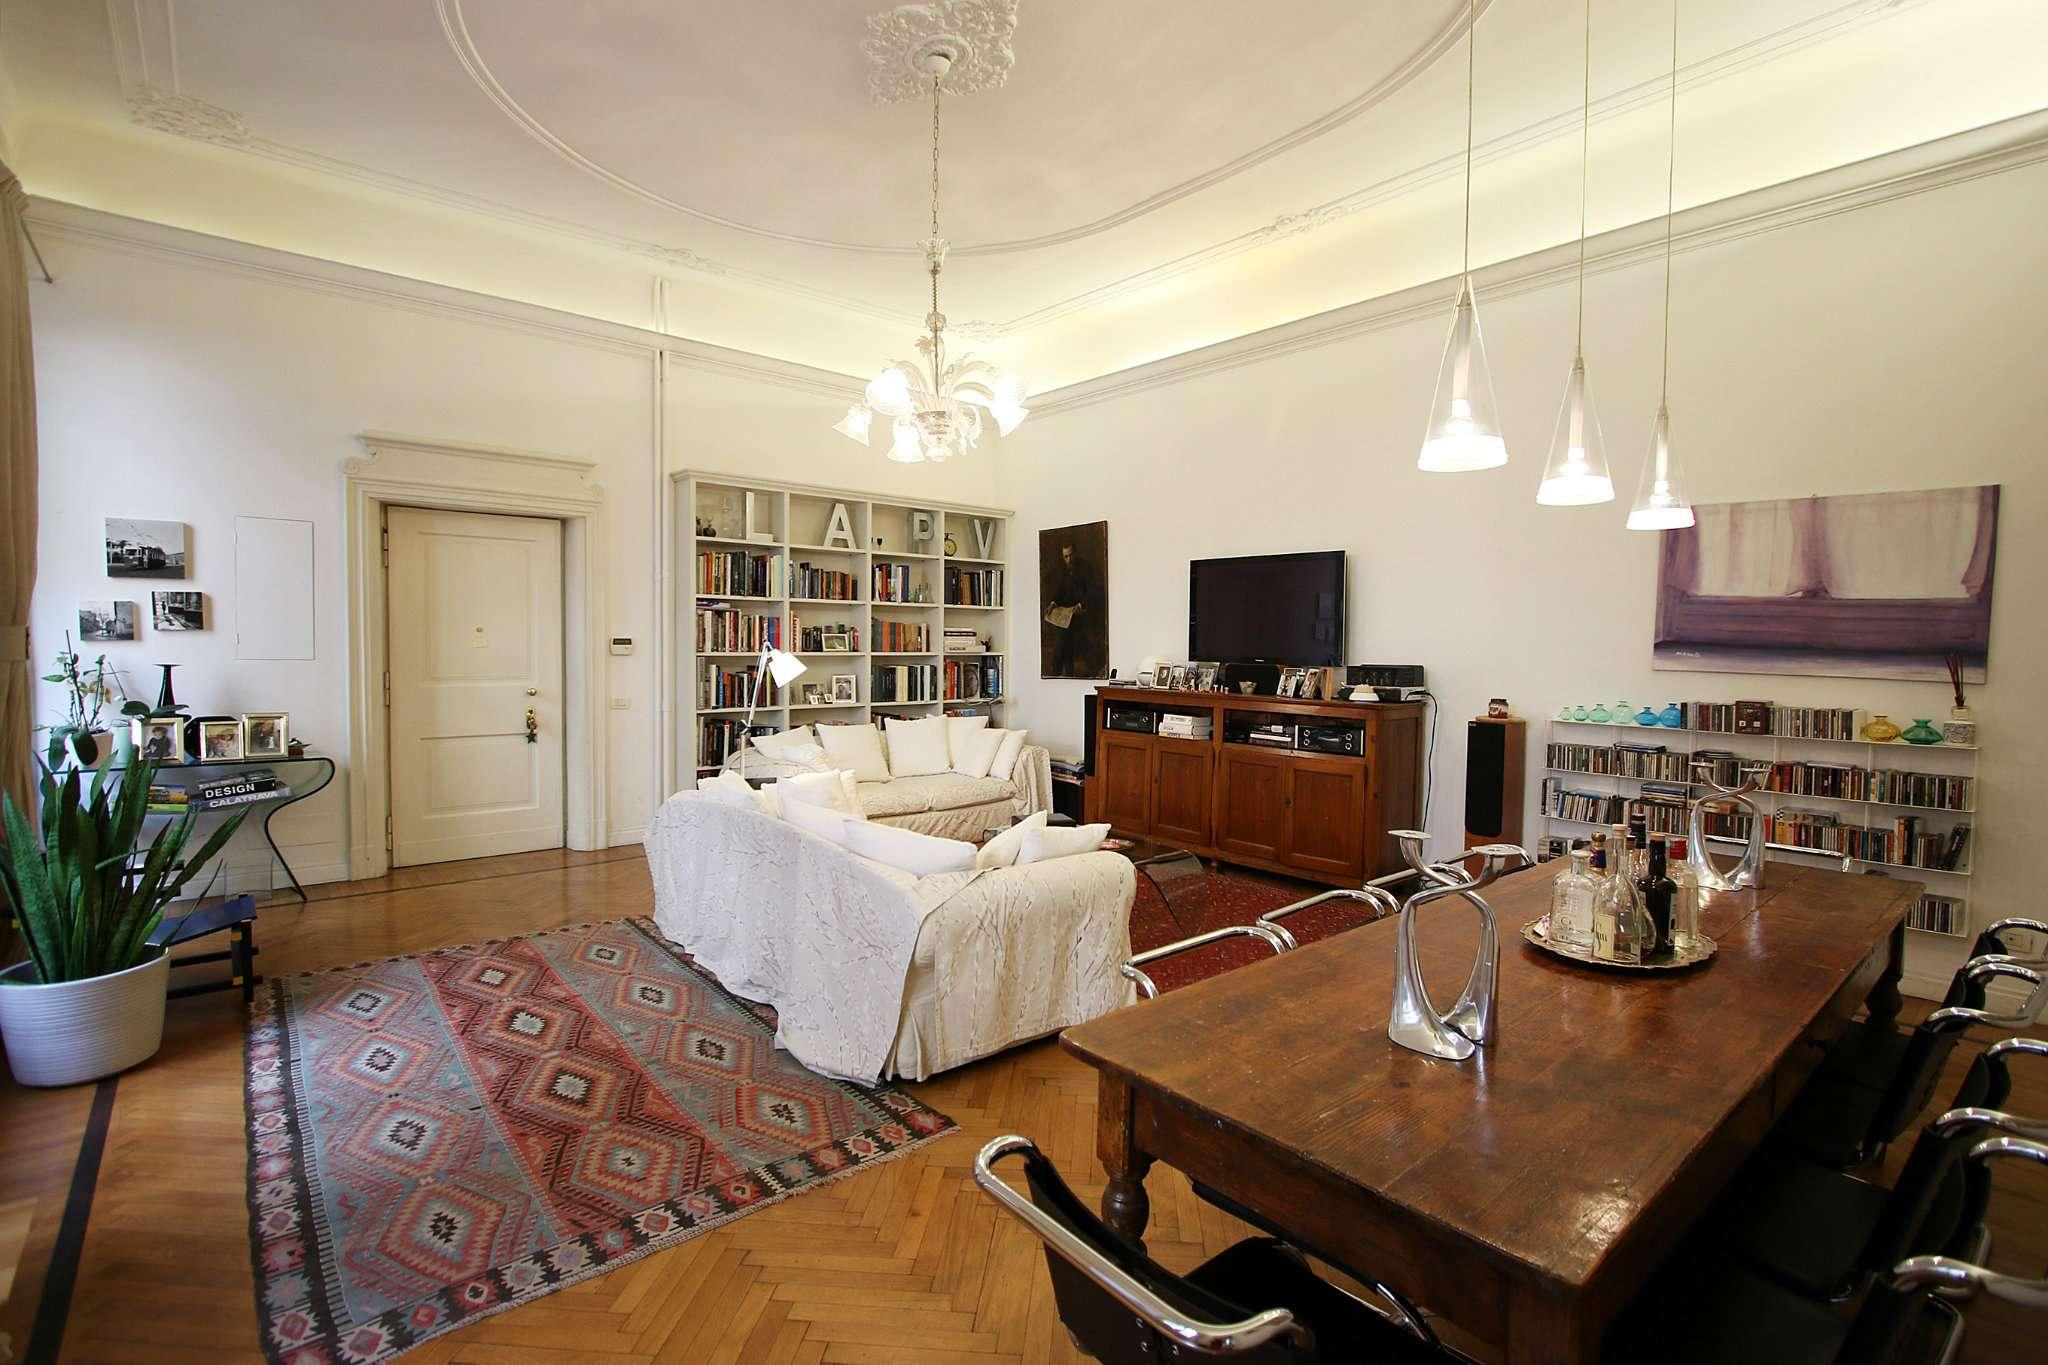 Appartamento in vendita a milano via luigi settembrini for Nuovi piani domestici con suite di annunci personali